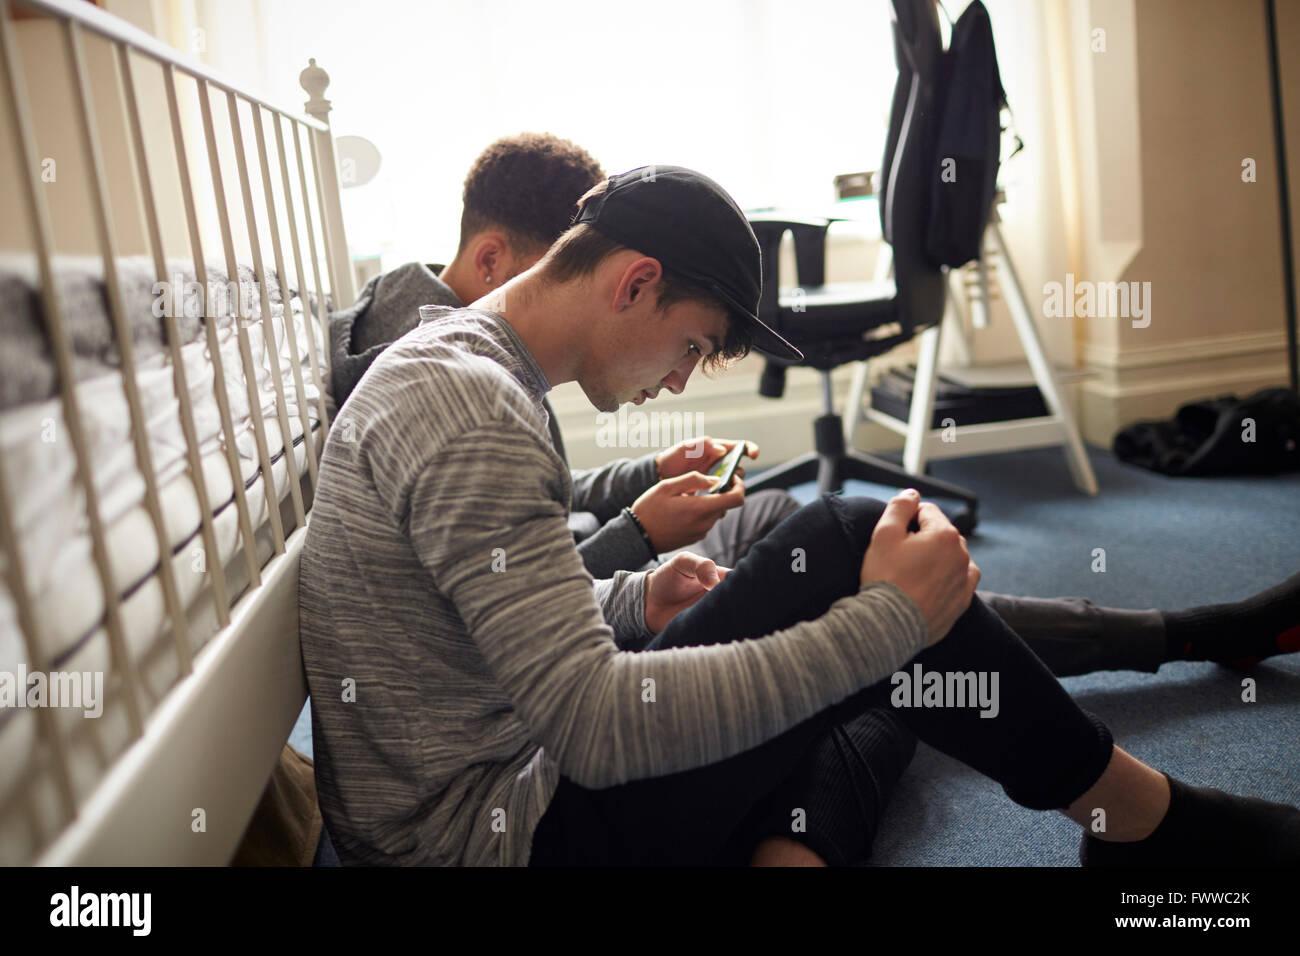 Zwei männliche Studenten im Schlafzimmer überprüfen Sie Nachrichten auf dem Handy Stockfoto